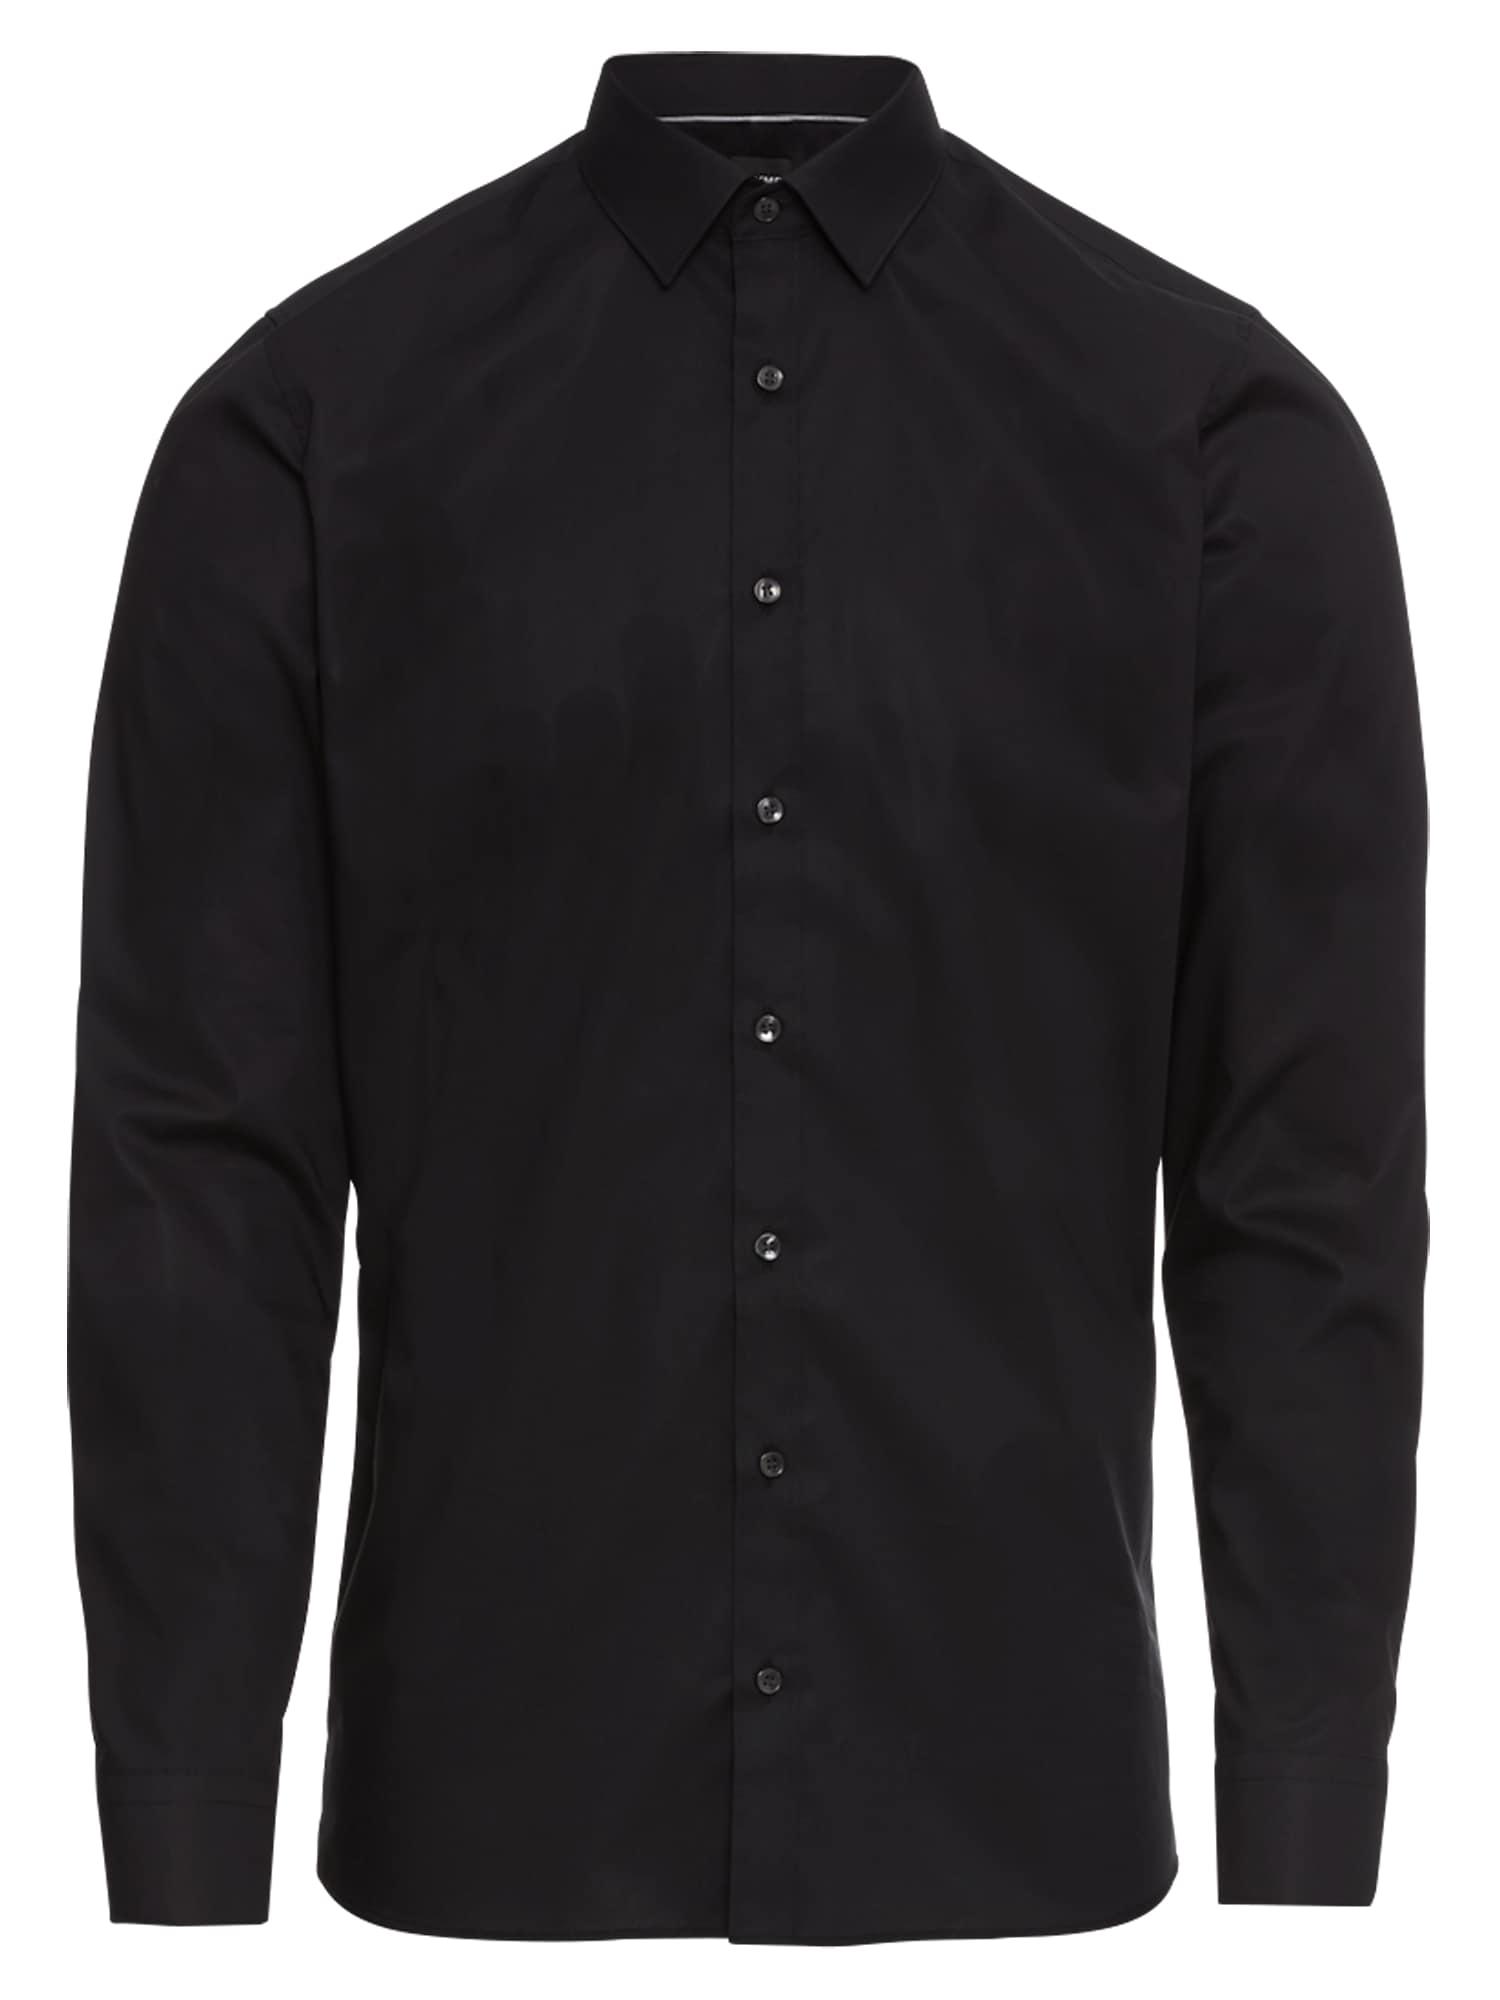 OLYMP Dalykinio stiliaus marškiniai juoda